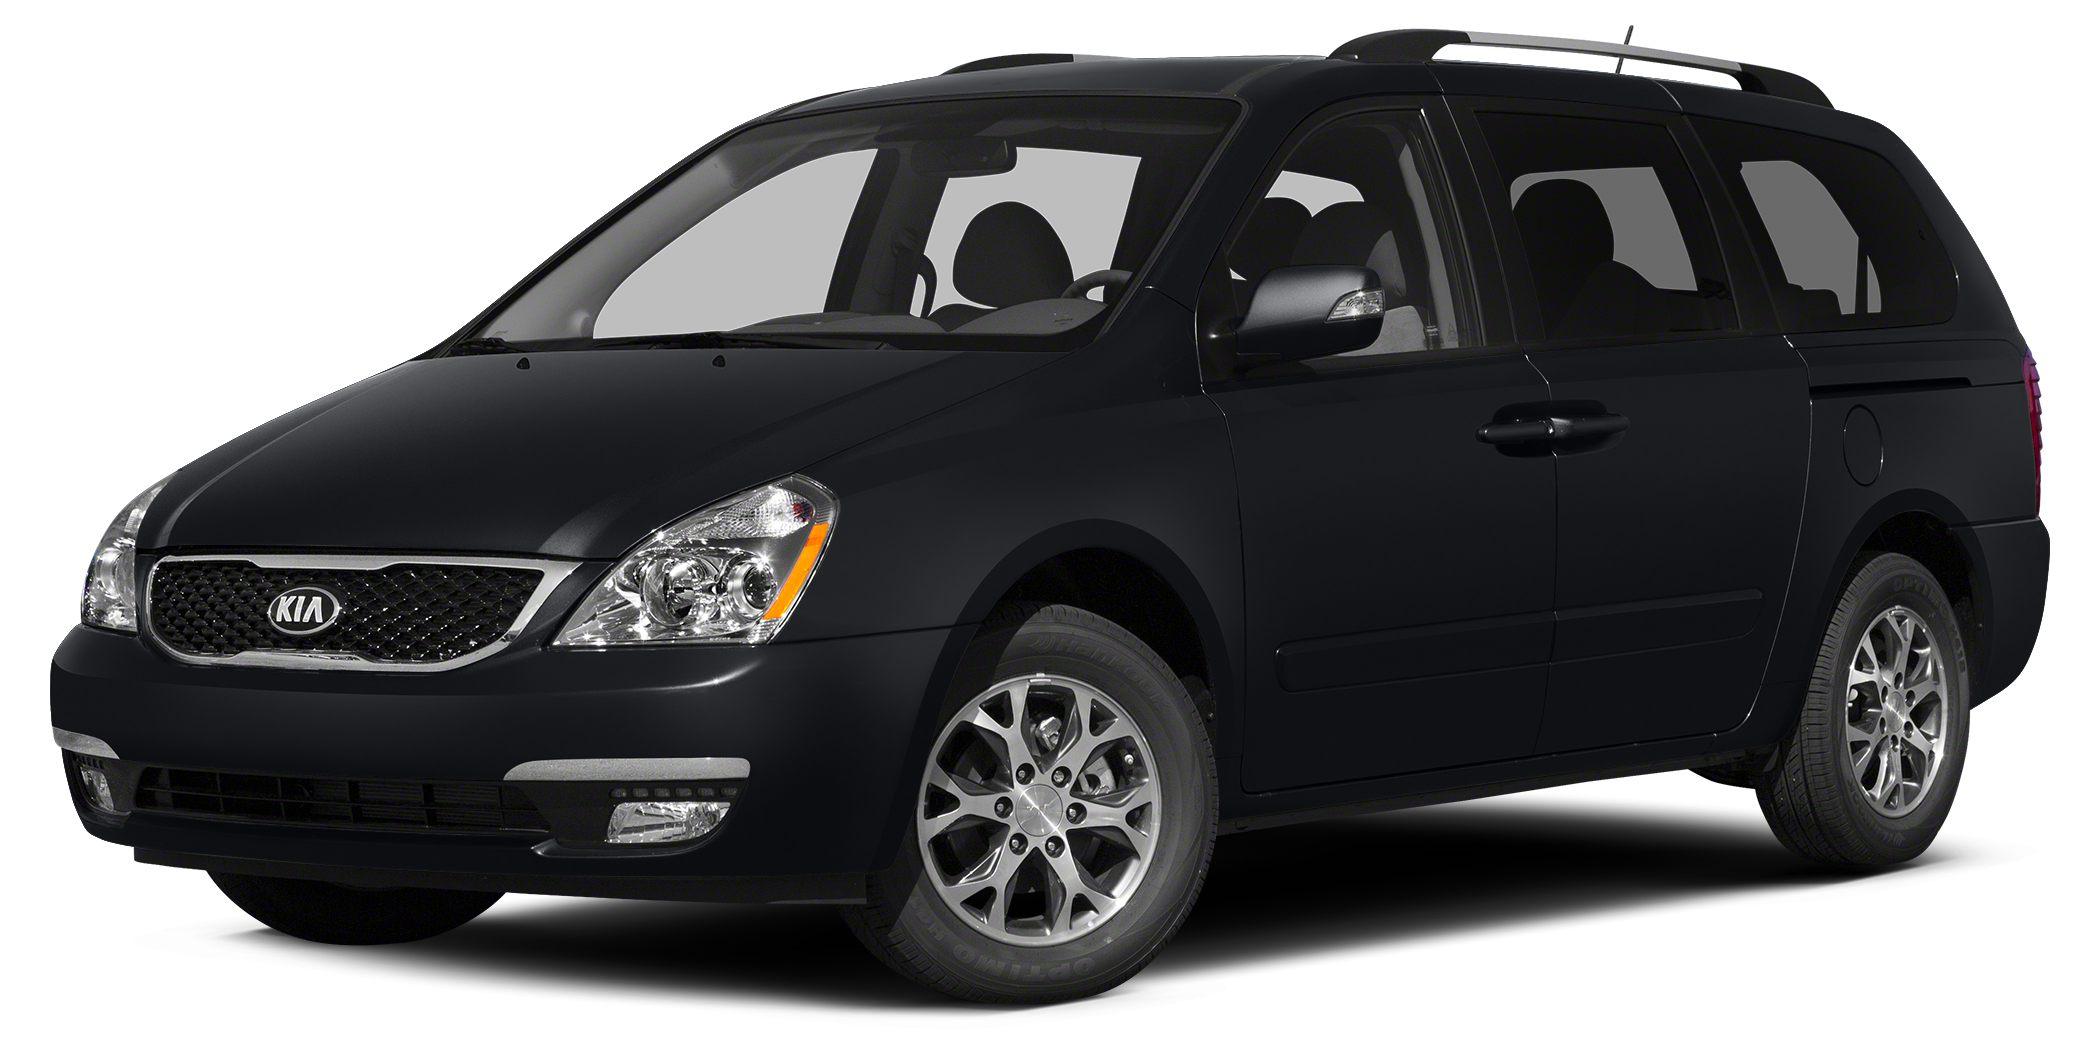 2014 Kia Sedona EX Sedona EX 4D Passenger Van 35L V6 DOHC 24V 6-Speed Automatic FWD Aurora B